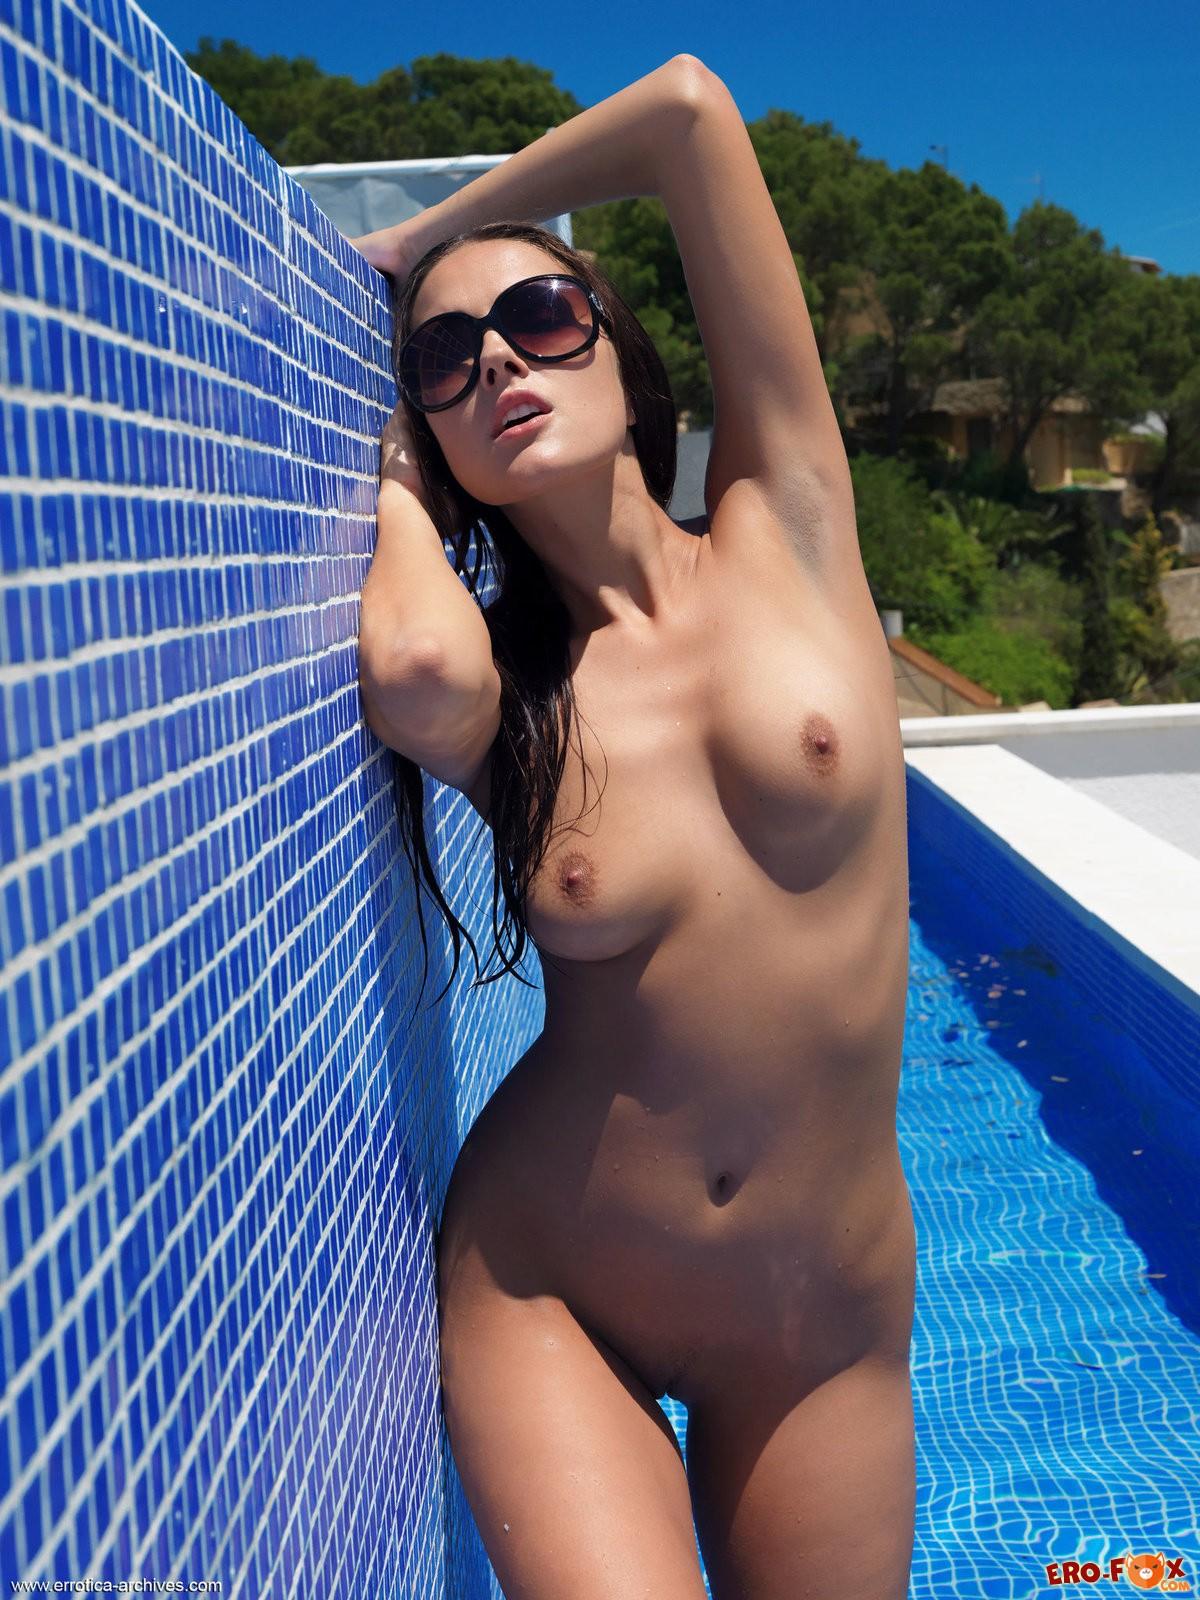 Сексуальная голая девушка возле бассейна